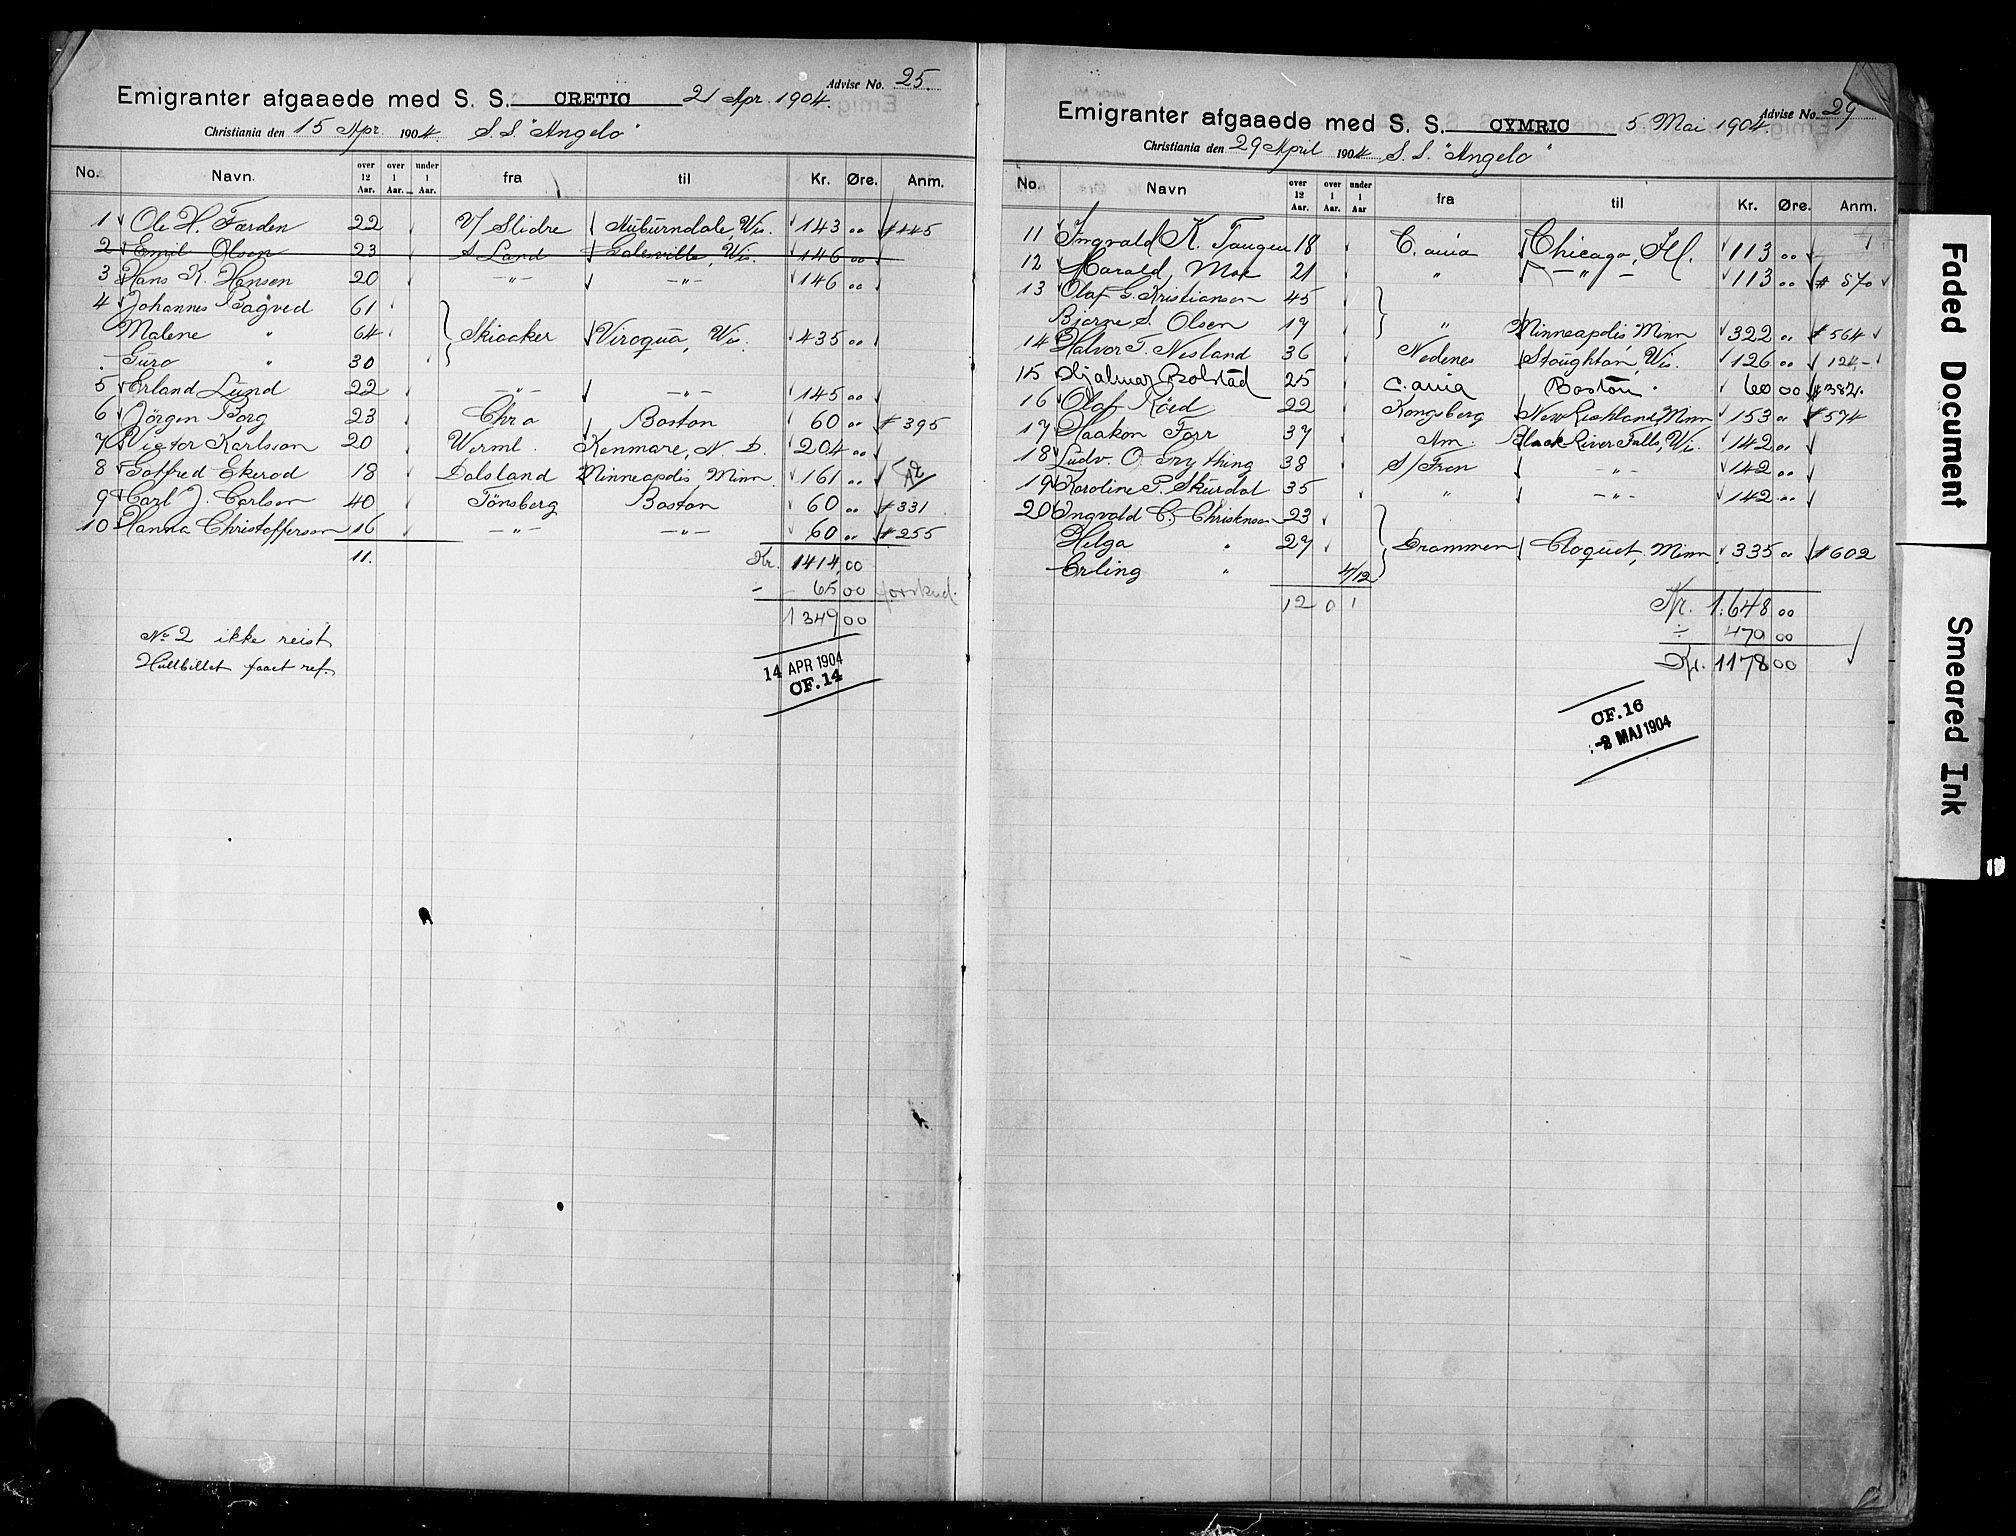 SAO, White Star-linjen, D/Da/L0005: Emigrant, 1904-1923, s. upaginert